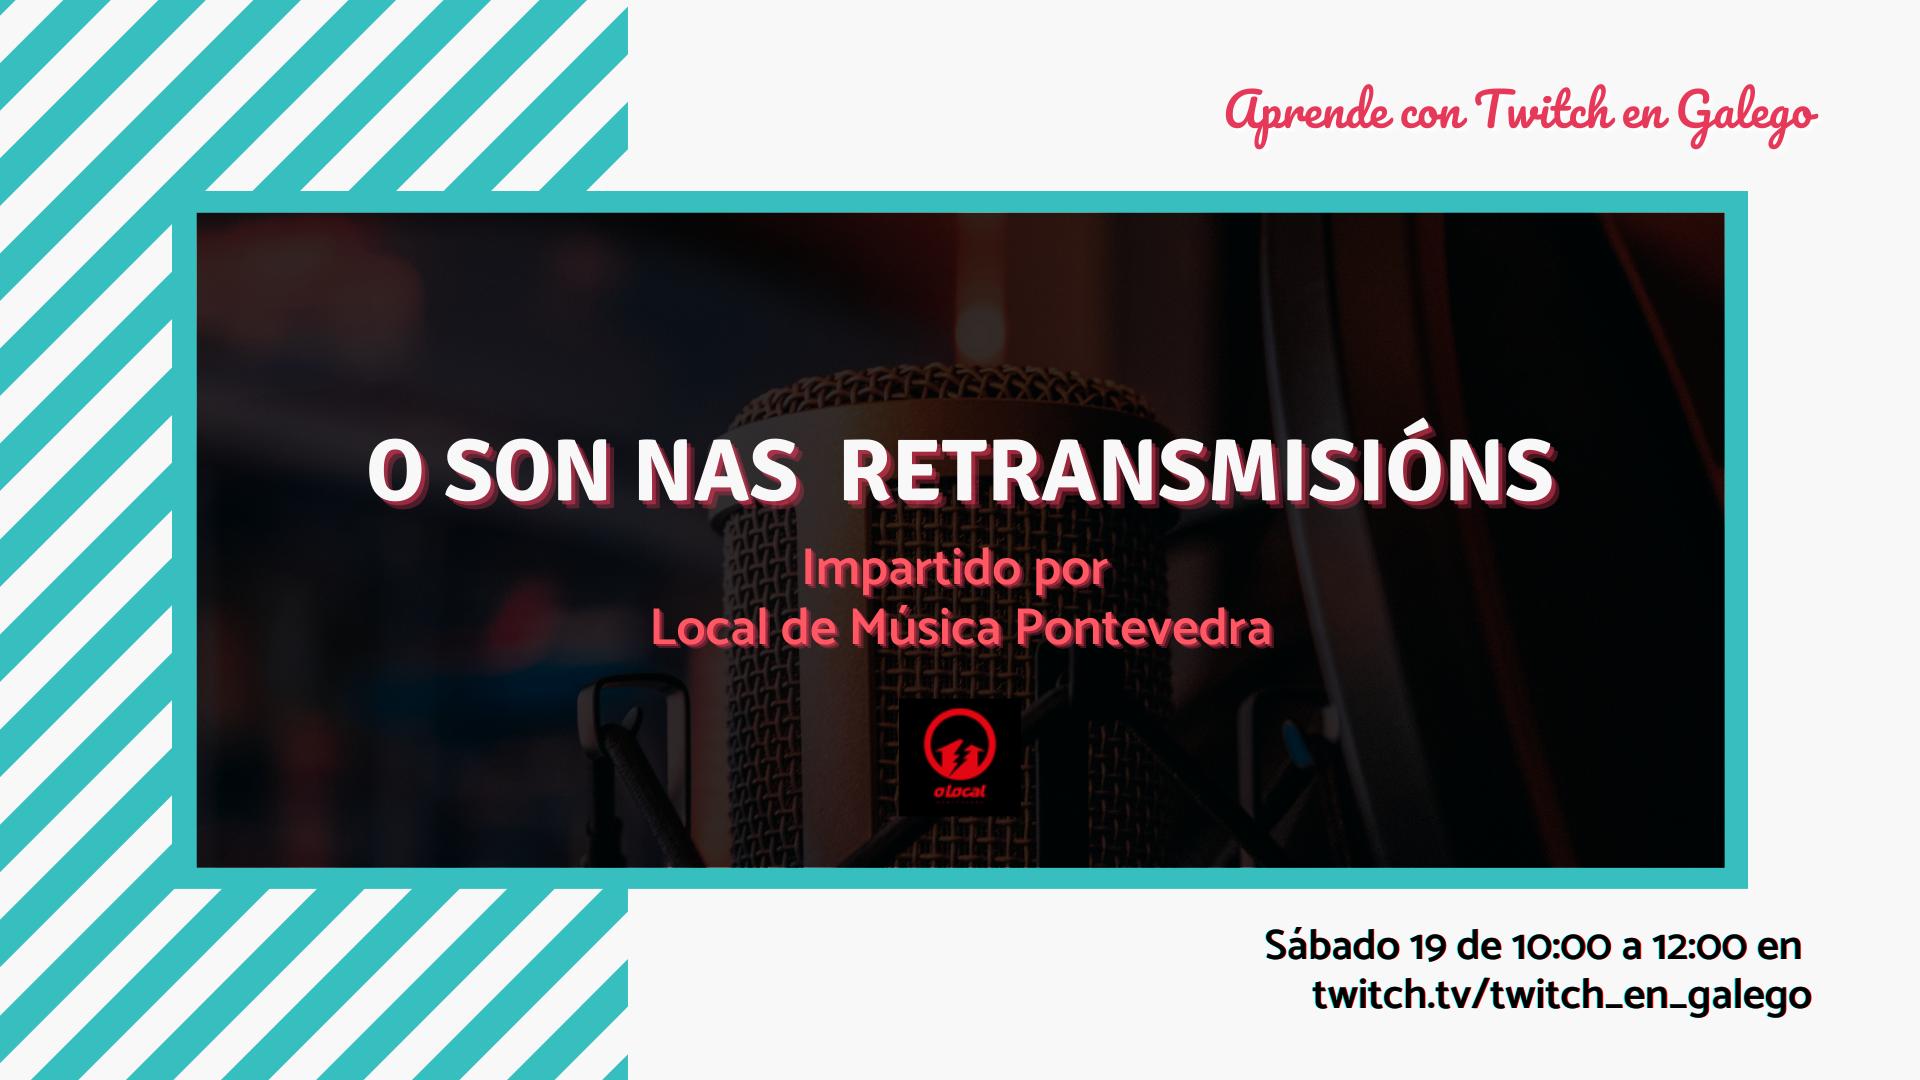 Impartimos unha sesión sobre son na canle de Twitch en Galego